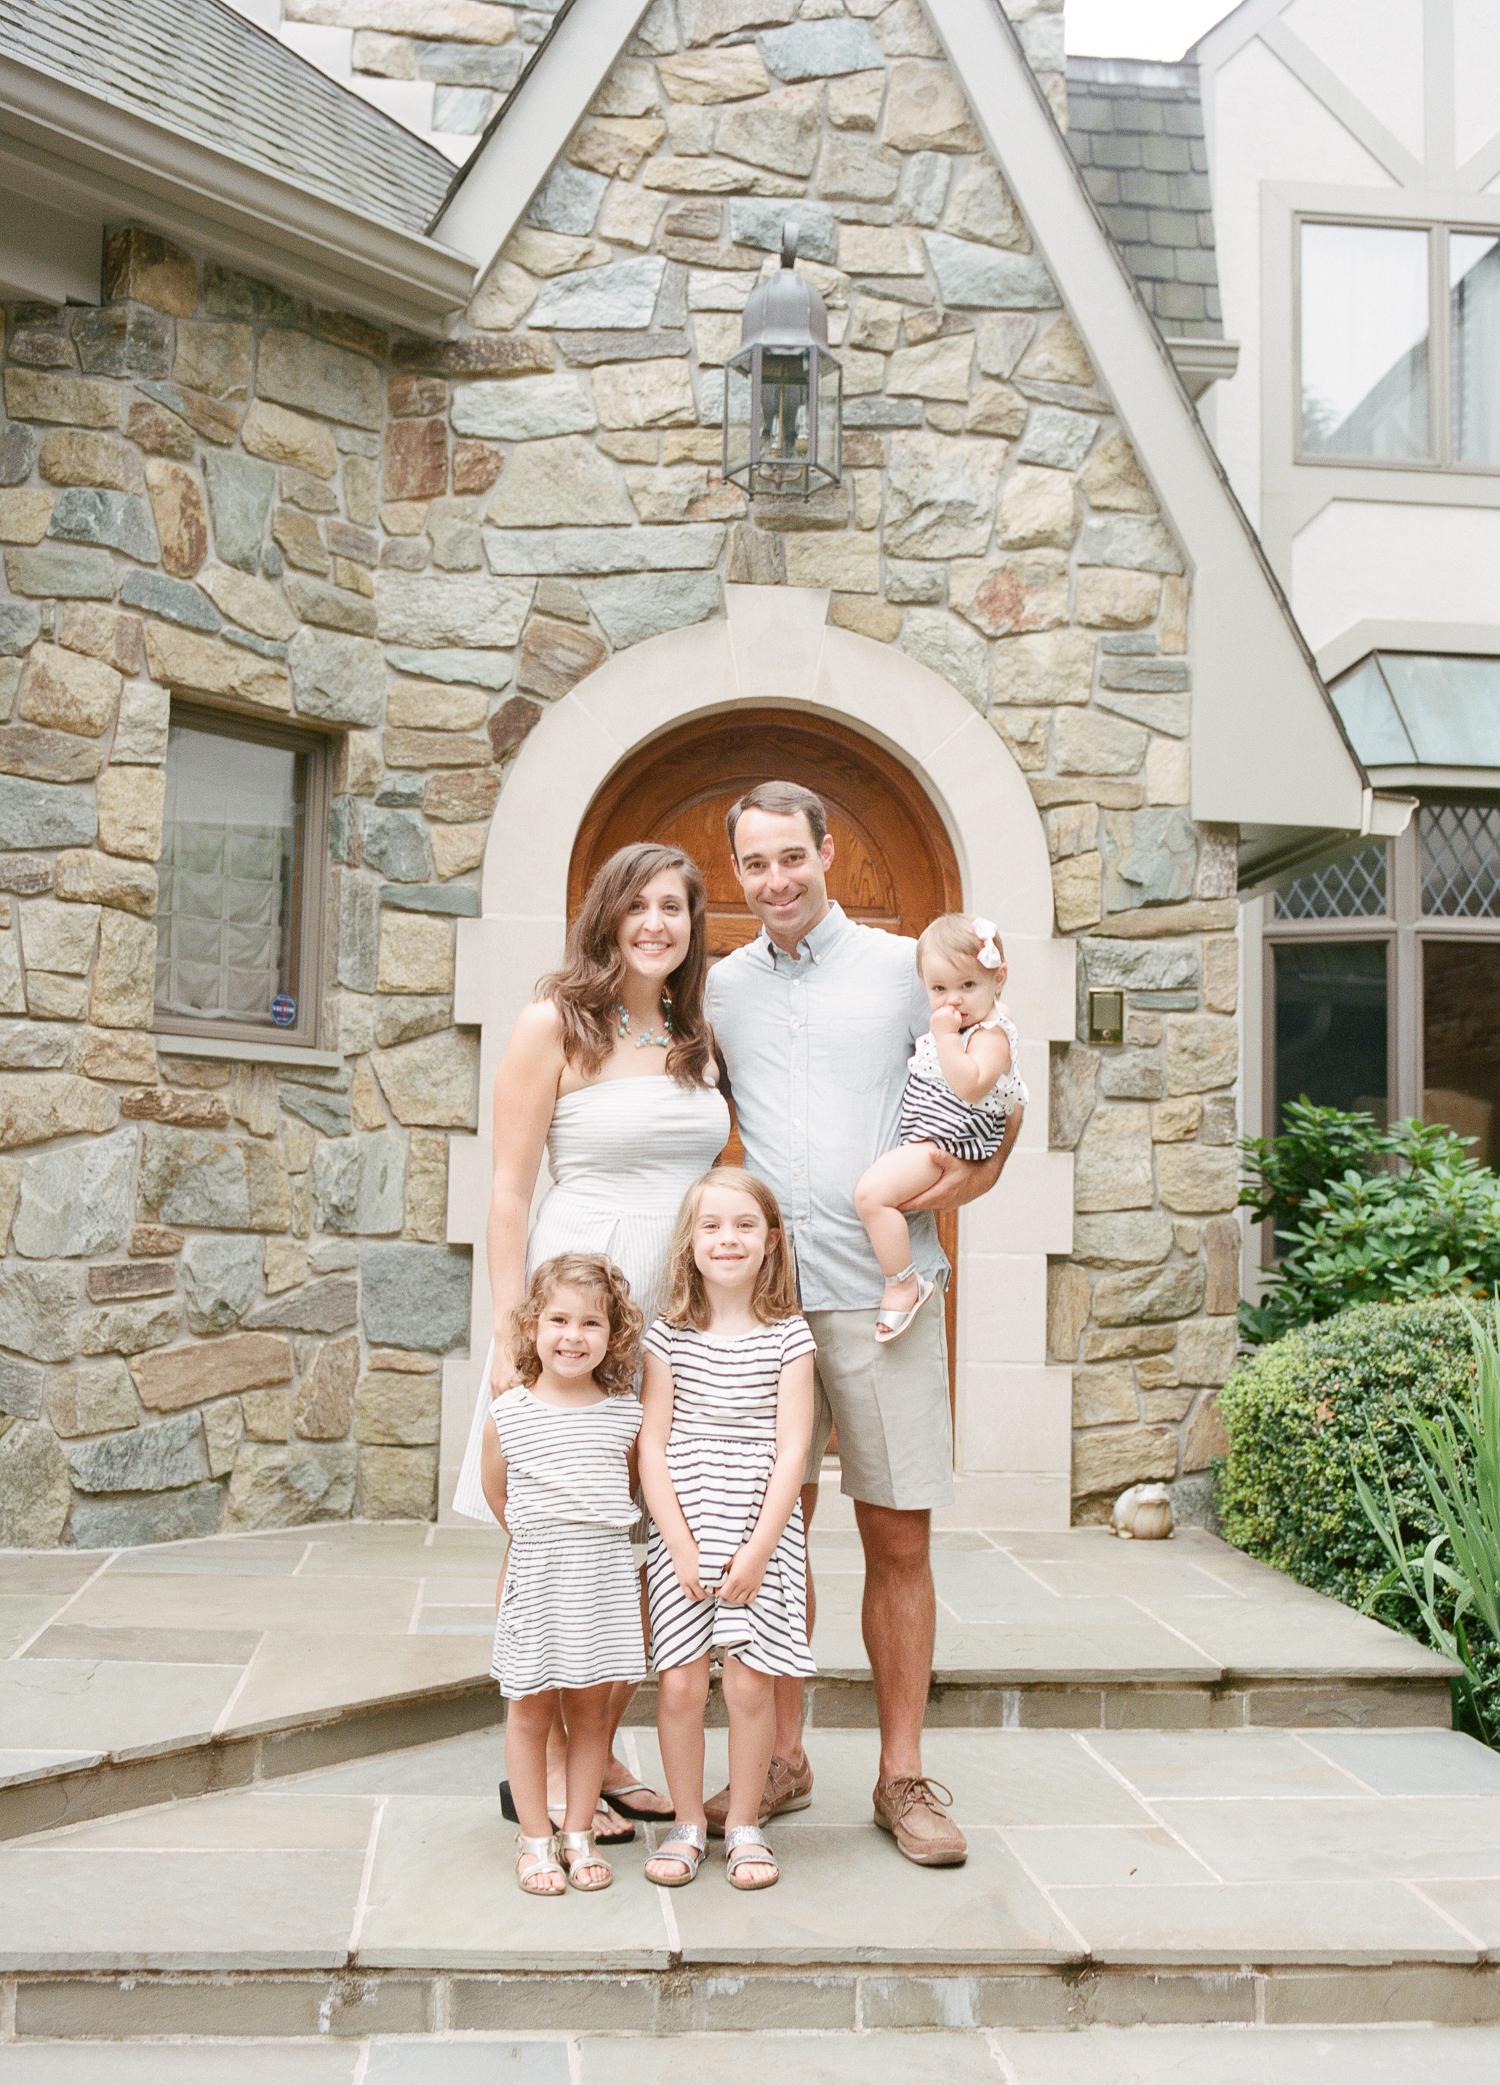 hunzeker-family-portrait-reston-virginia-28.jpg